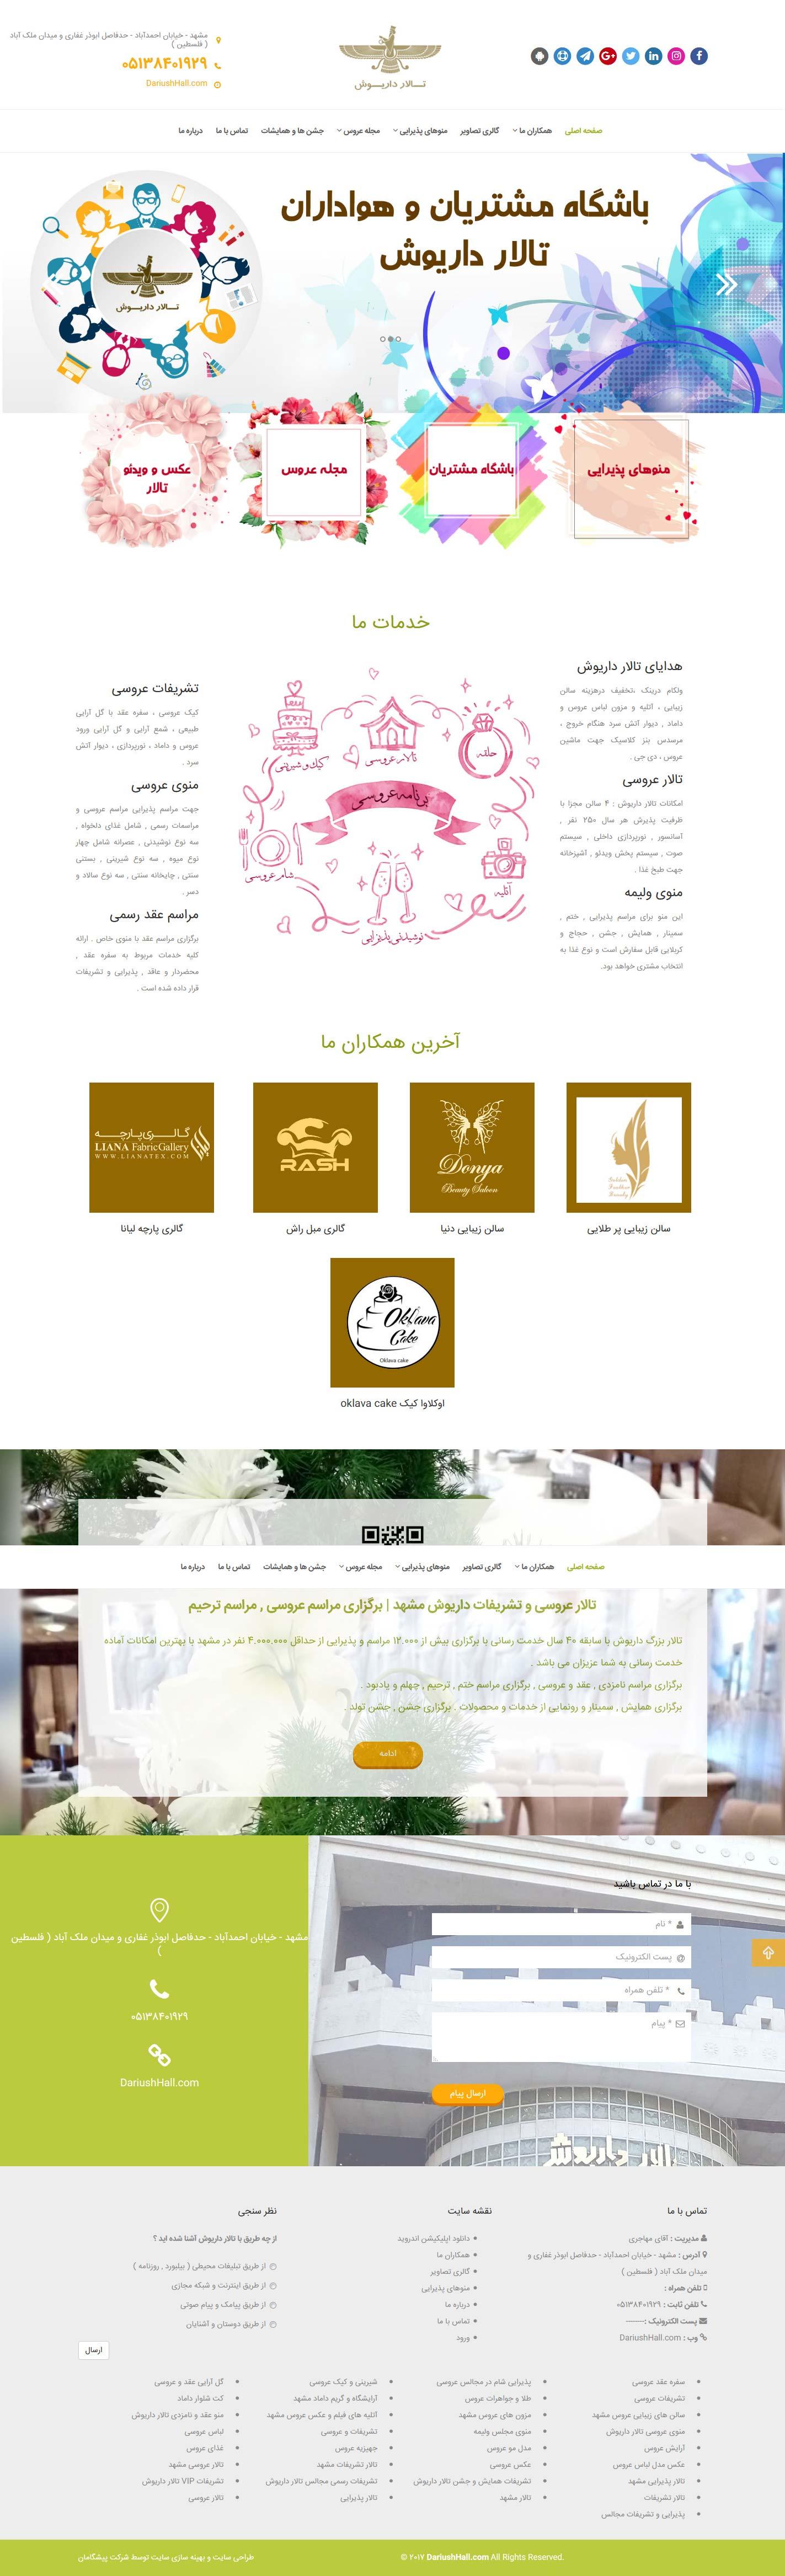 طراحی سایت تالار داریوش